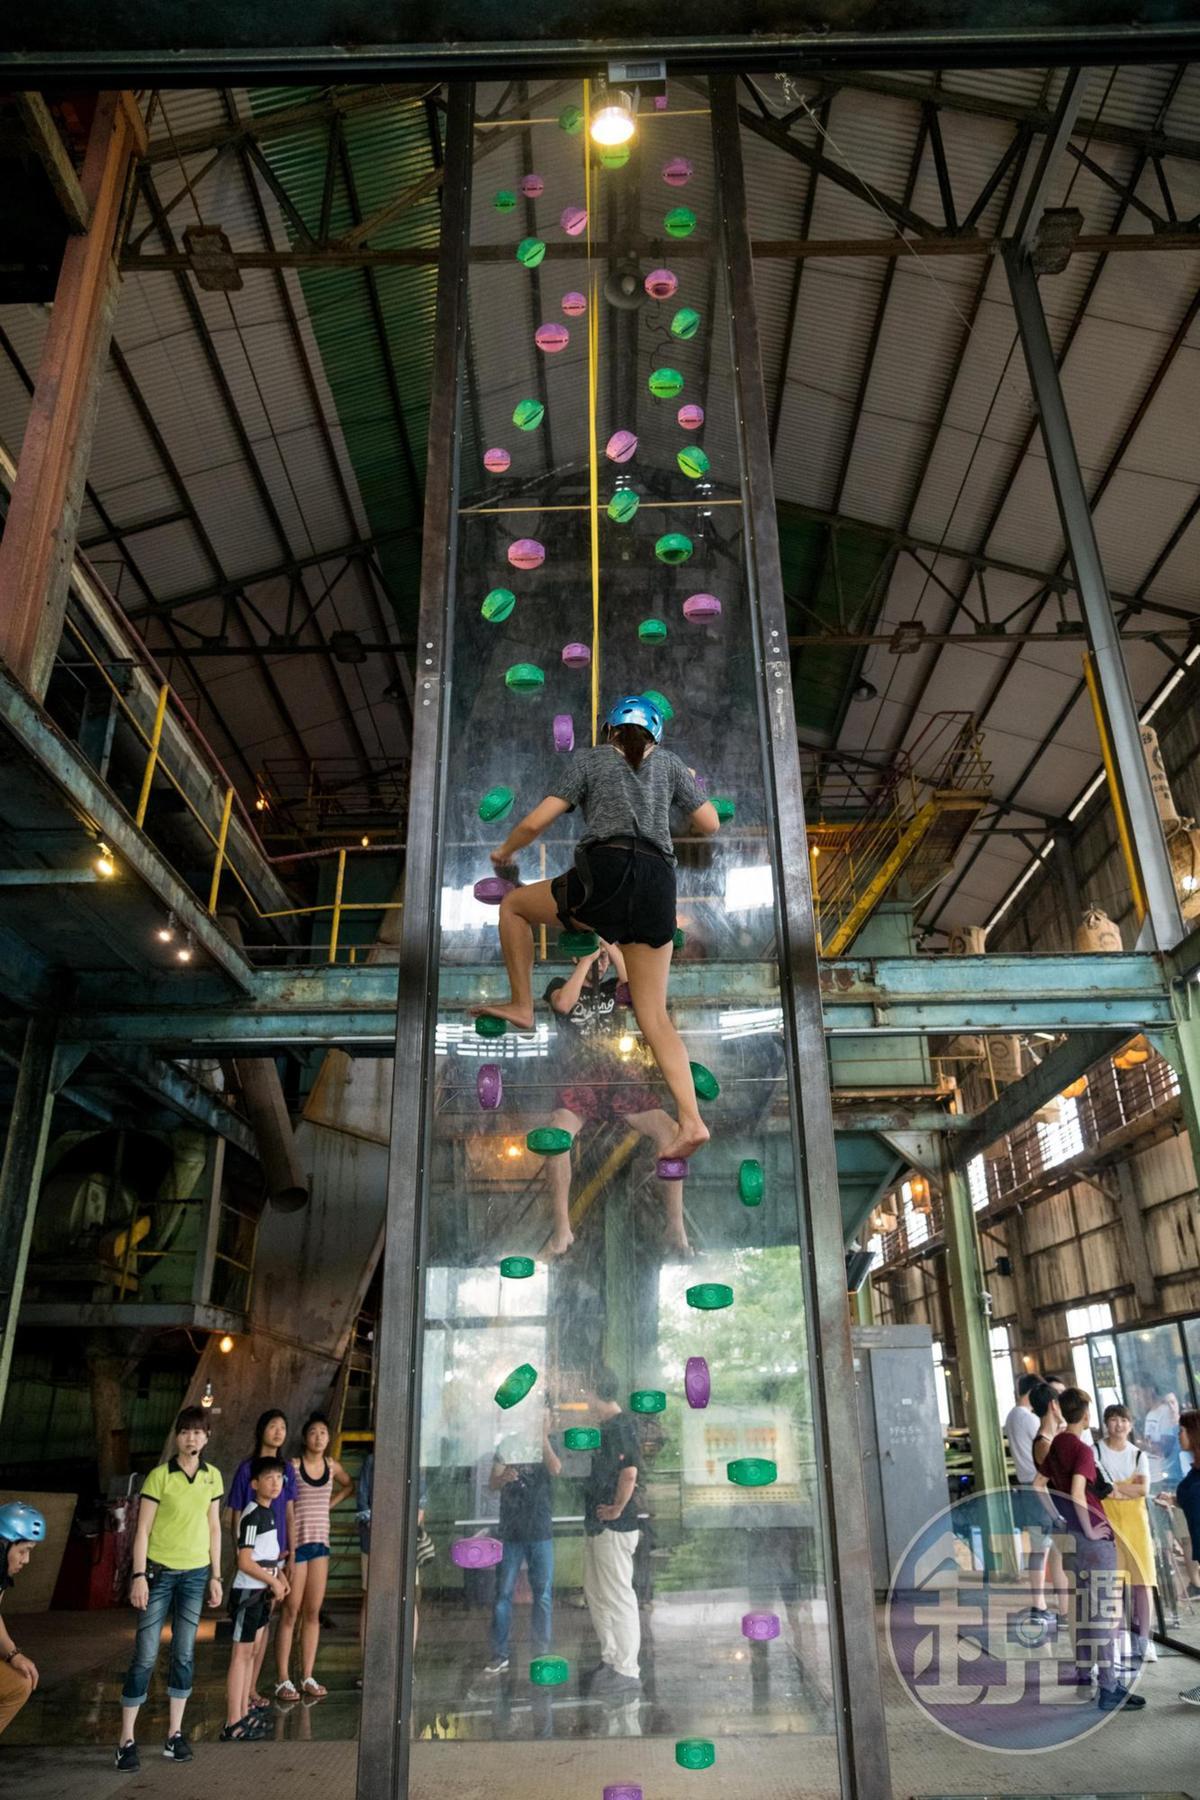 「透明攀岩競技場」具有國際攀岩總會認證,雖然攀爬路線有限,卻是看頭十足。